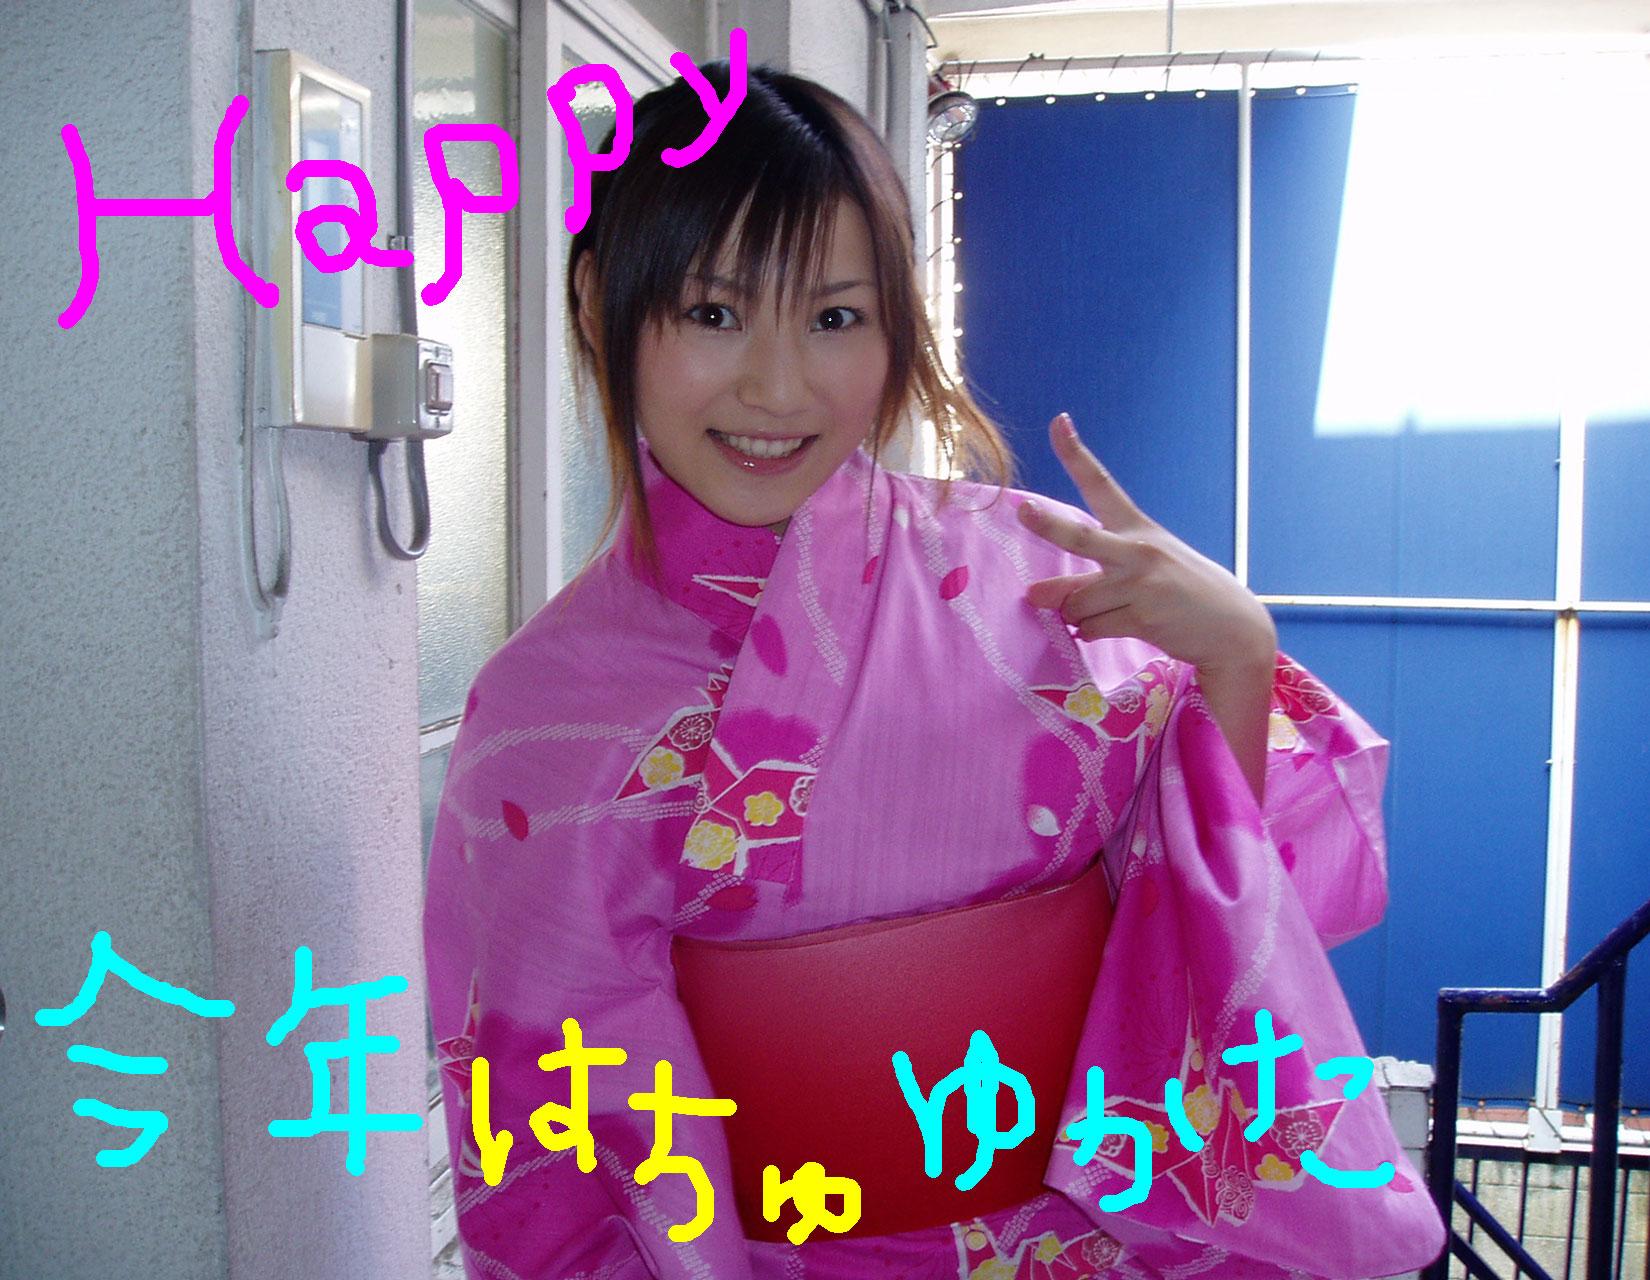 女の子っぽく(≧∀≦)_c0038100_1458967.jpg